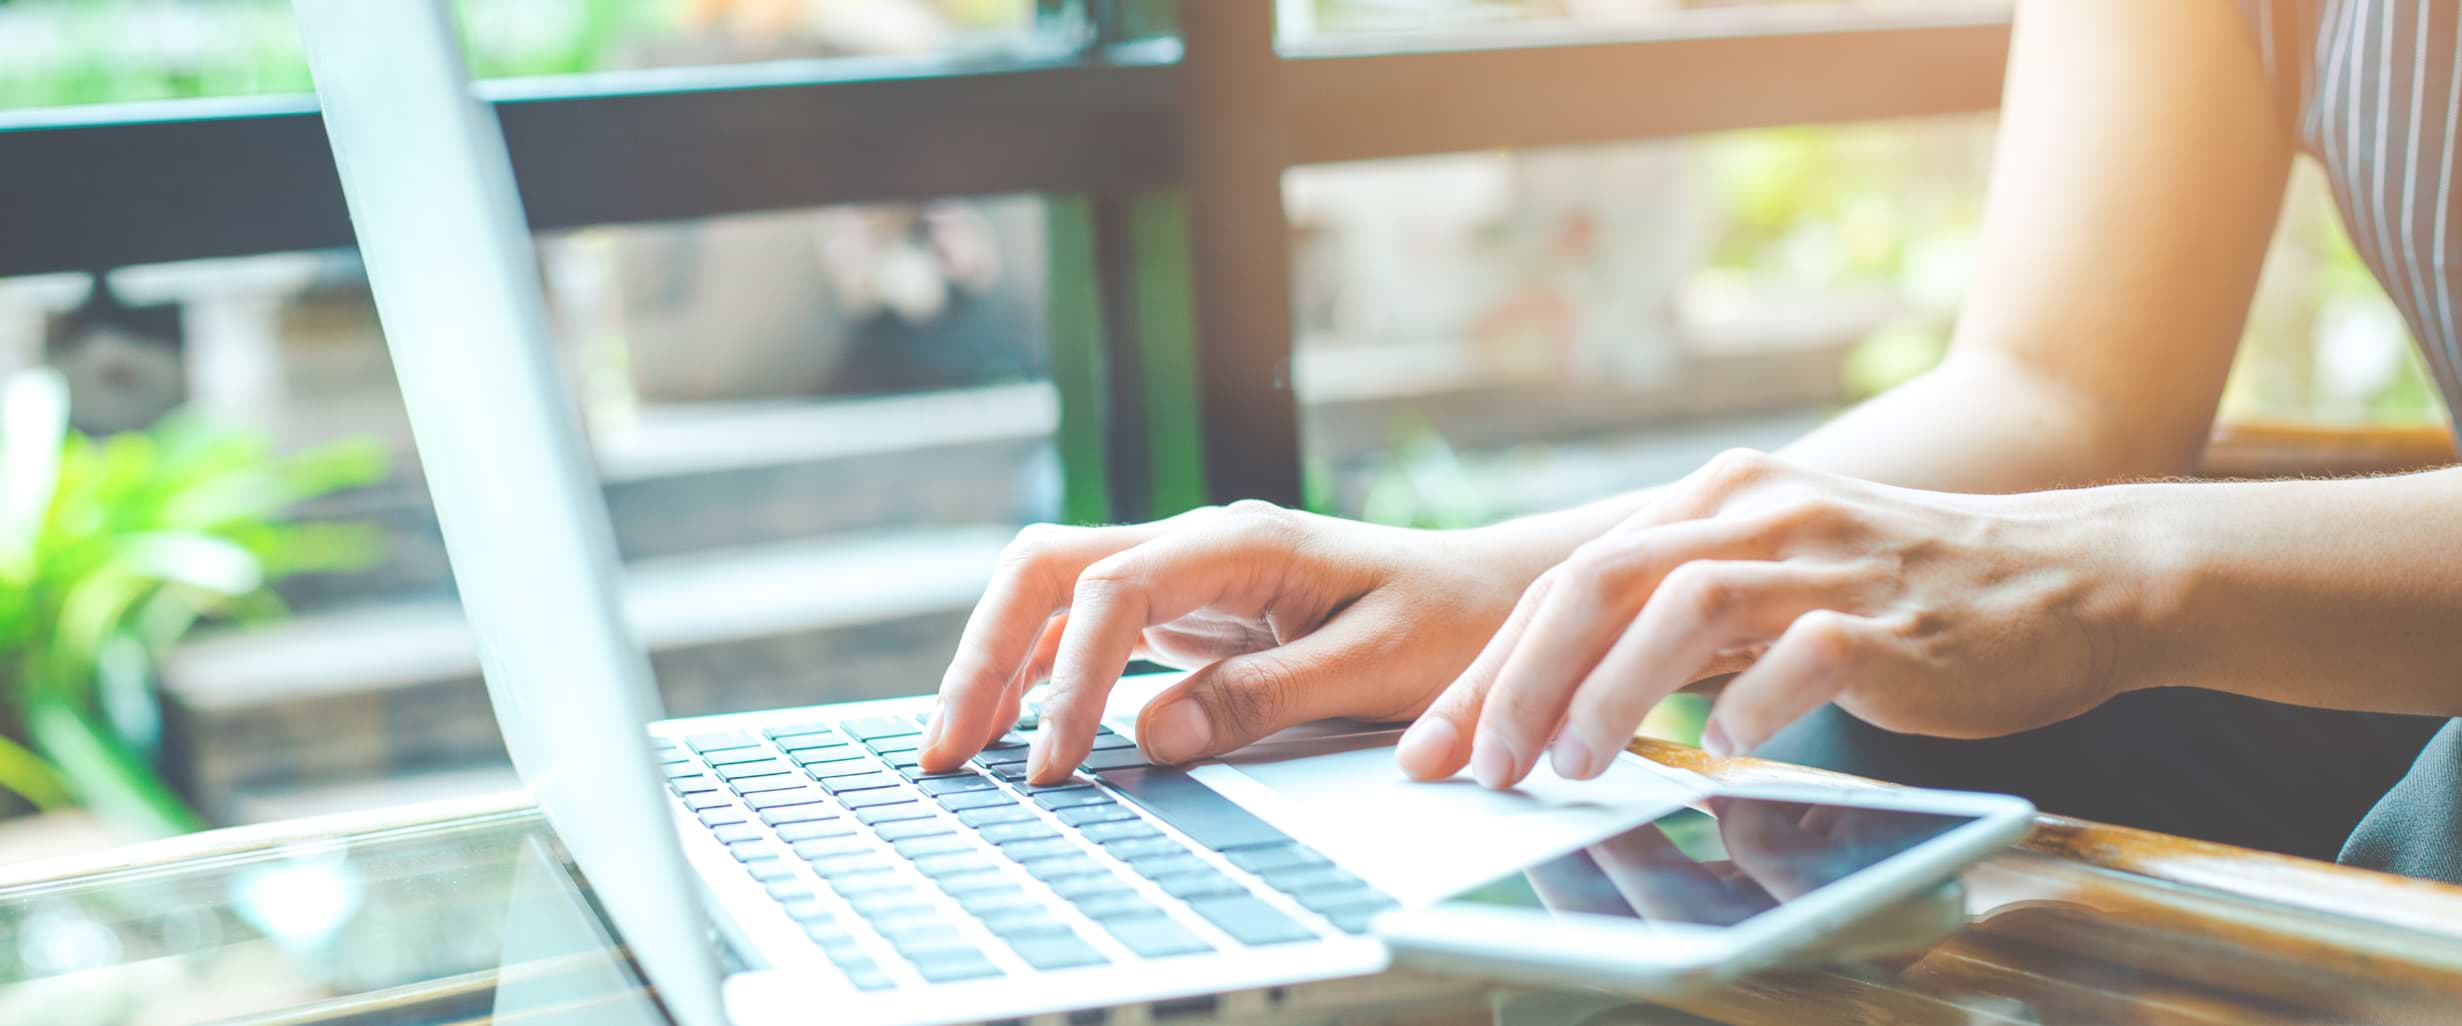 Kvinna betalar av bolån på dator enligt amorteringskrav